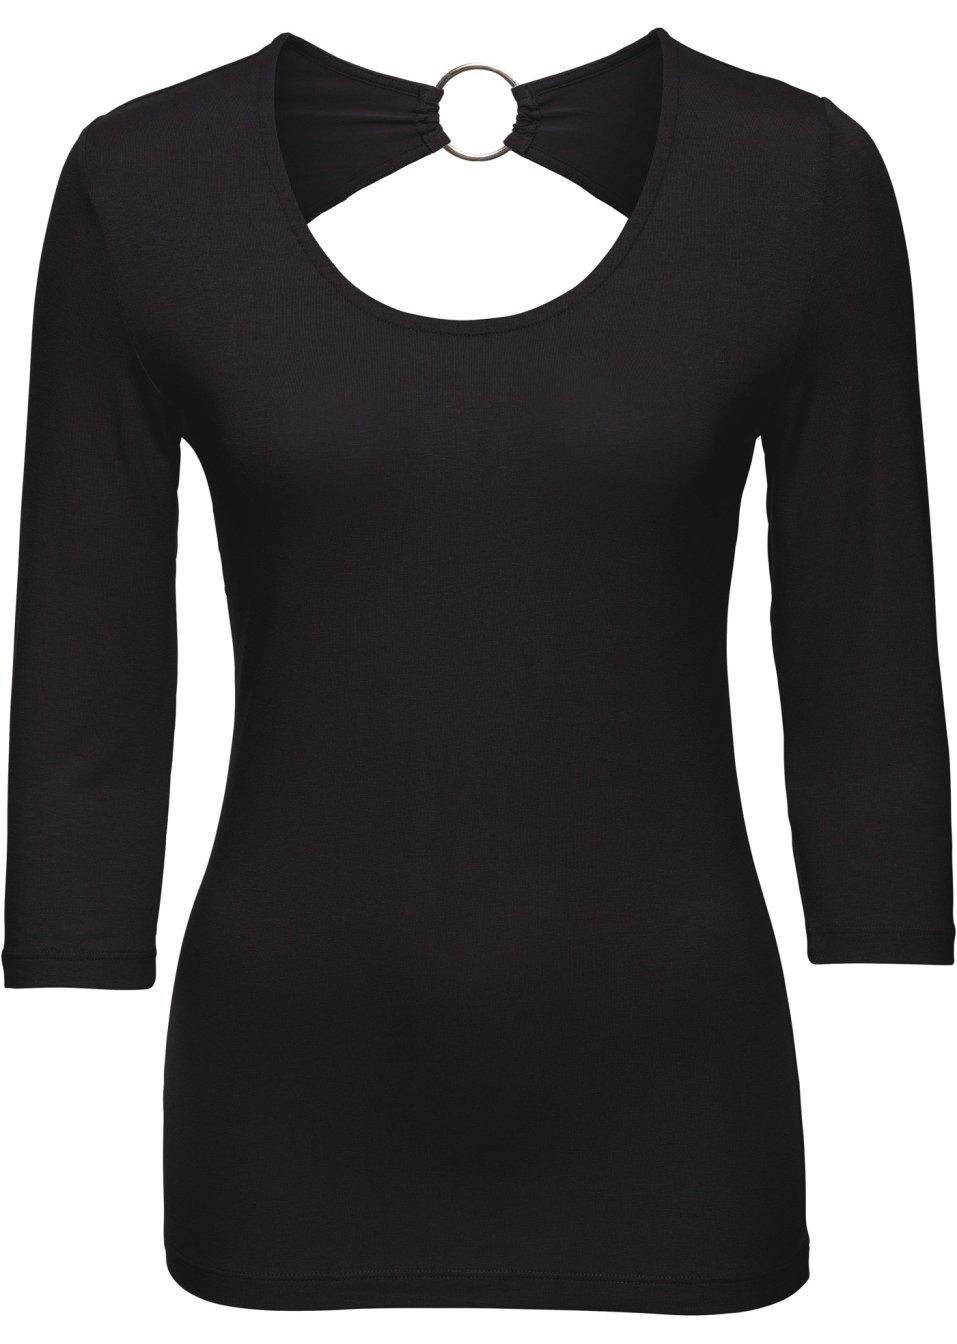 raffiniert geschnittenes shirt mit interessanter r ckenl sung schwarz. Black Bedroom Furniture Sets. Home Design Ideas